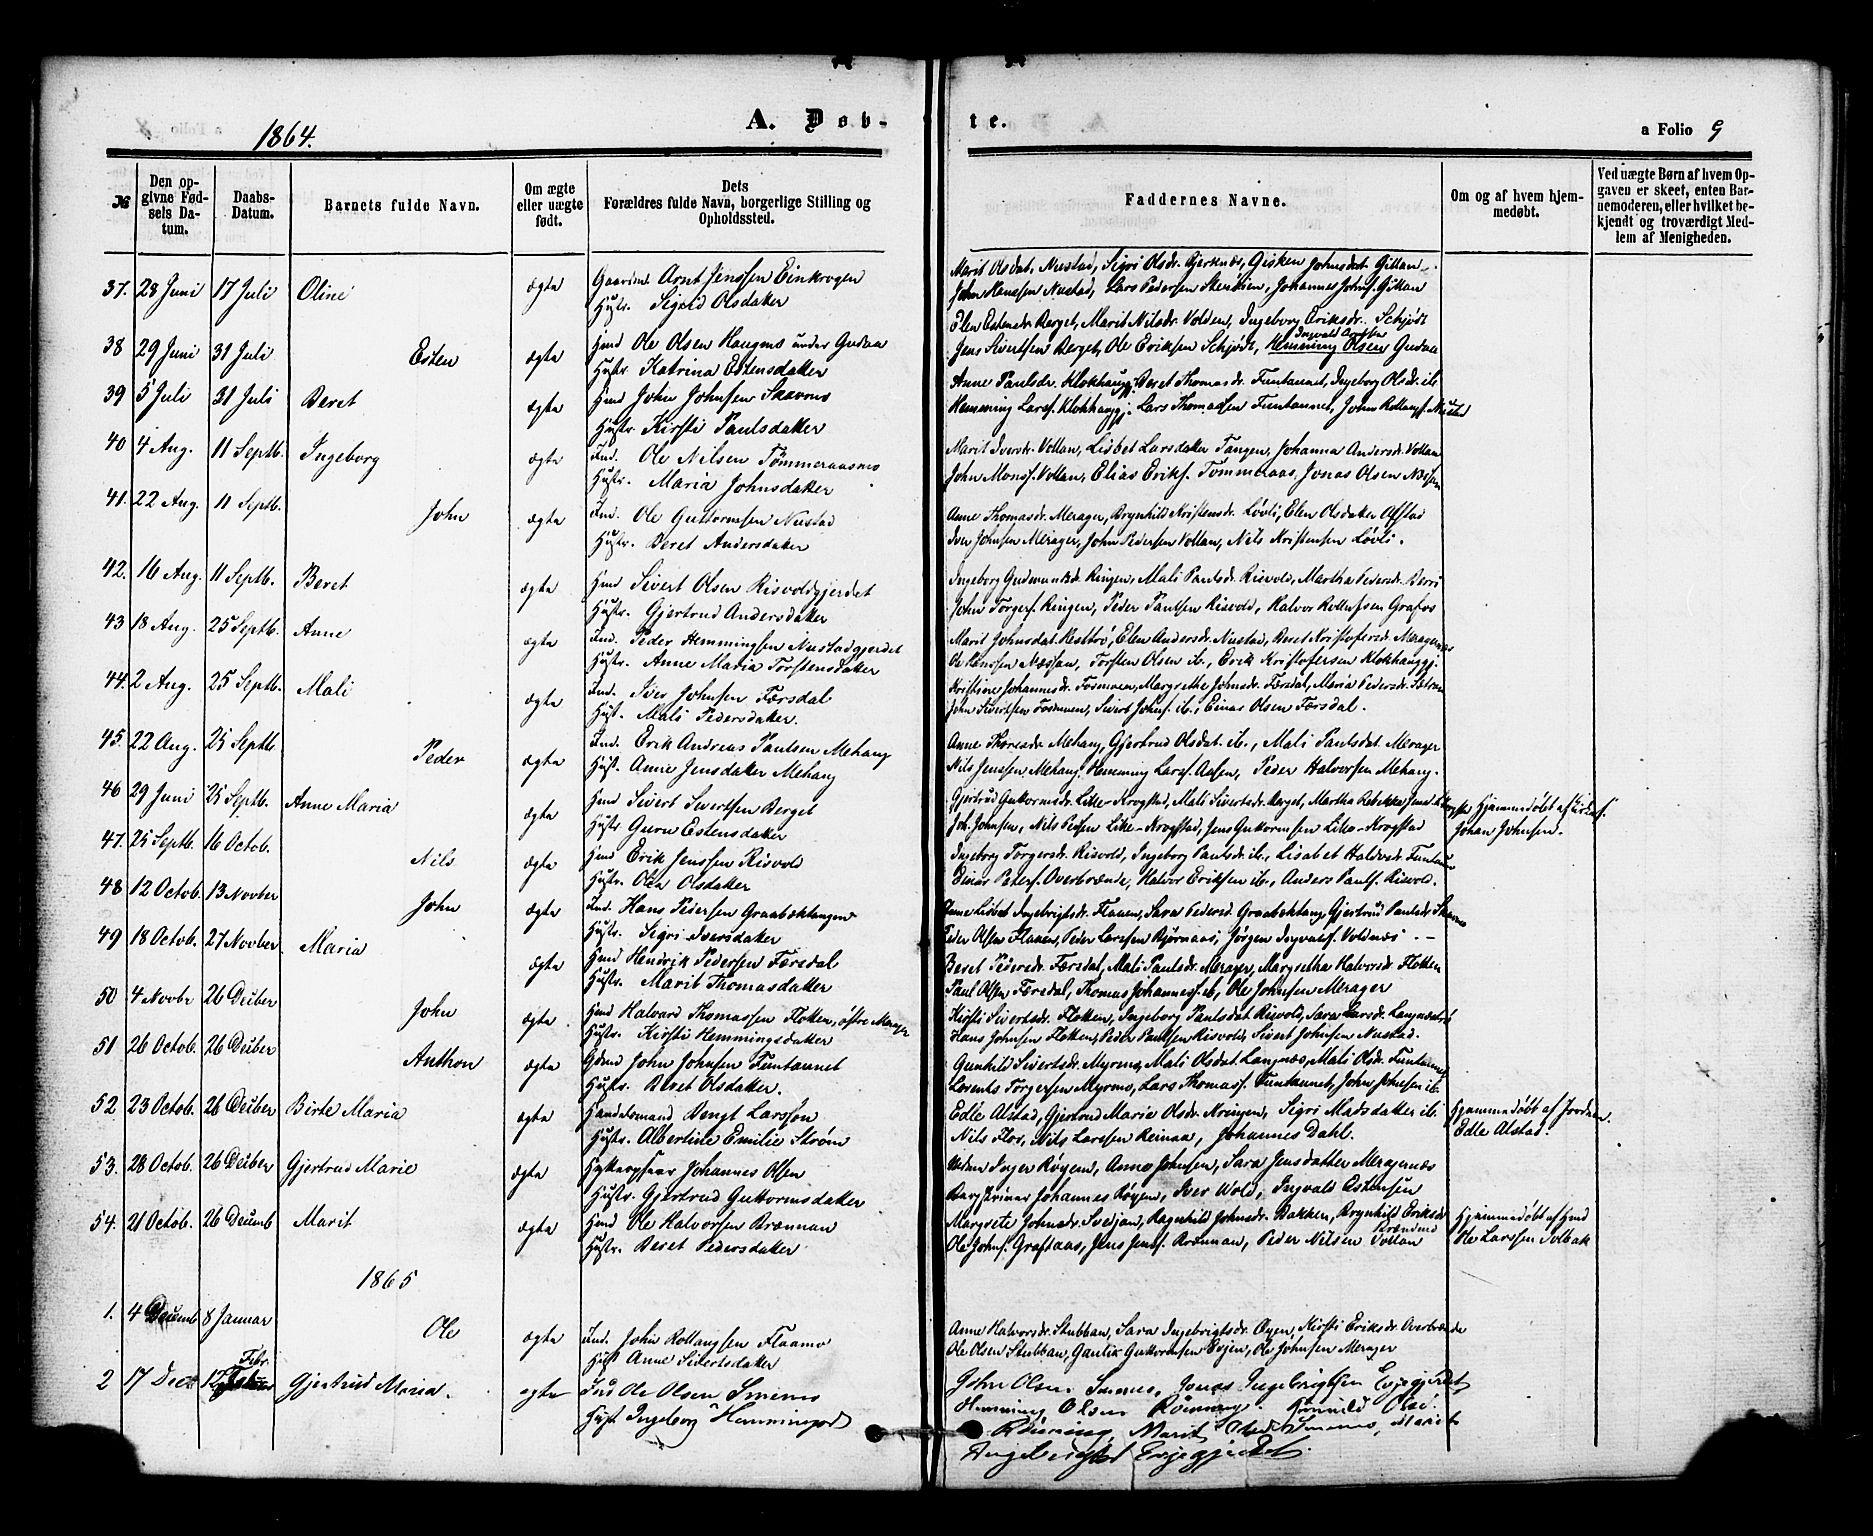 SAT, Ministerialprotokoller, klokkerbøker og fødselsregistre - Nord-Trøndelag, 706/L0041: Ministerialbok nr. 706A02, 1862-1877, s. 9